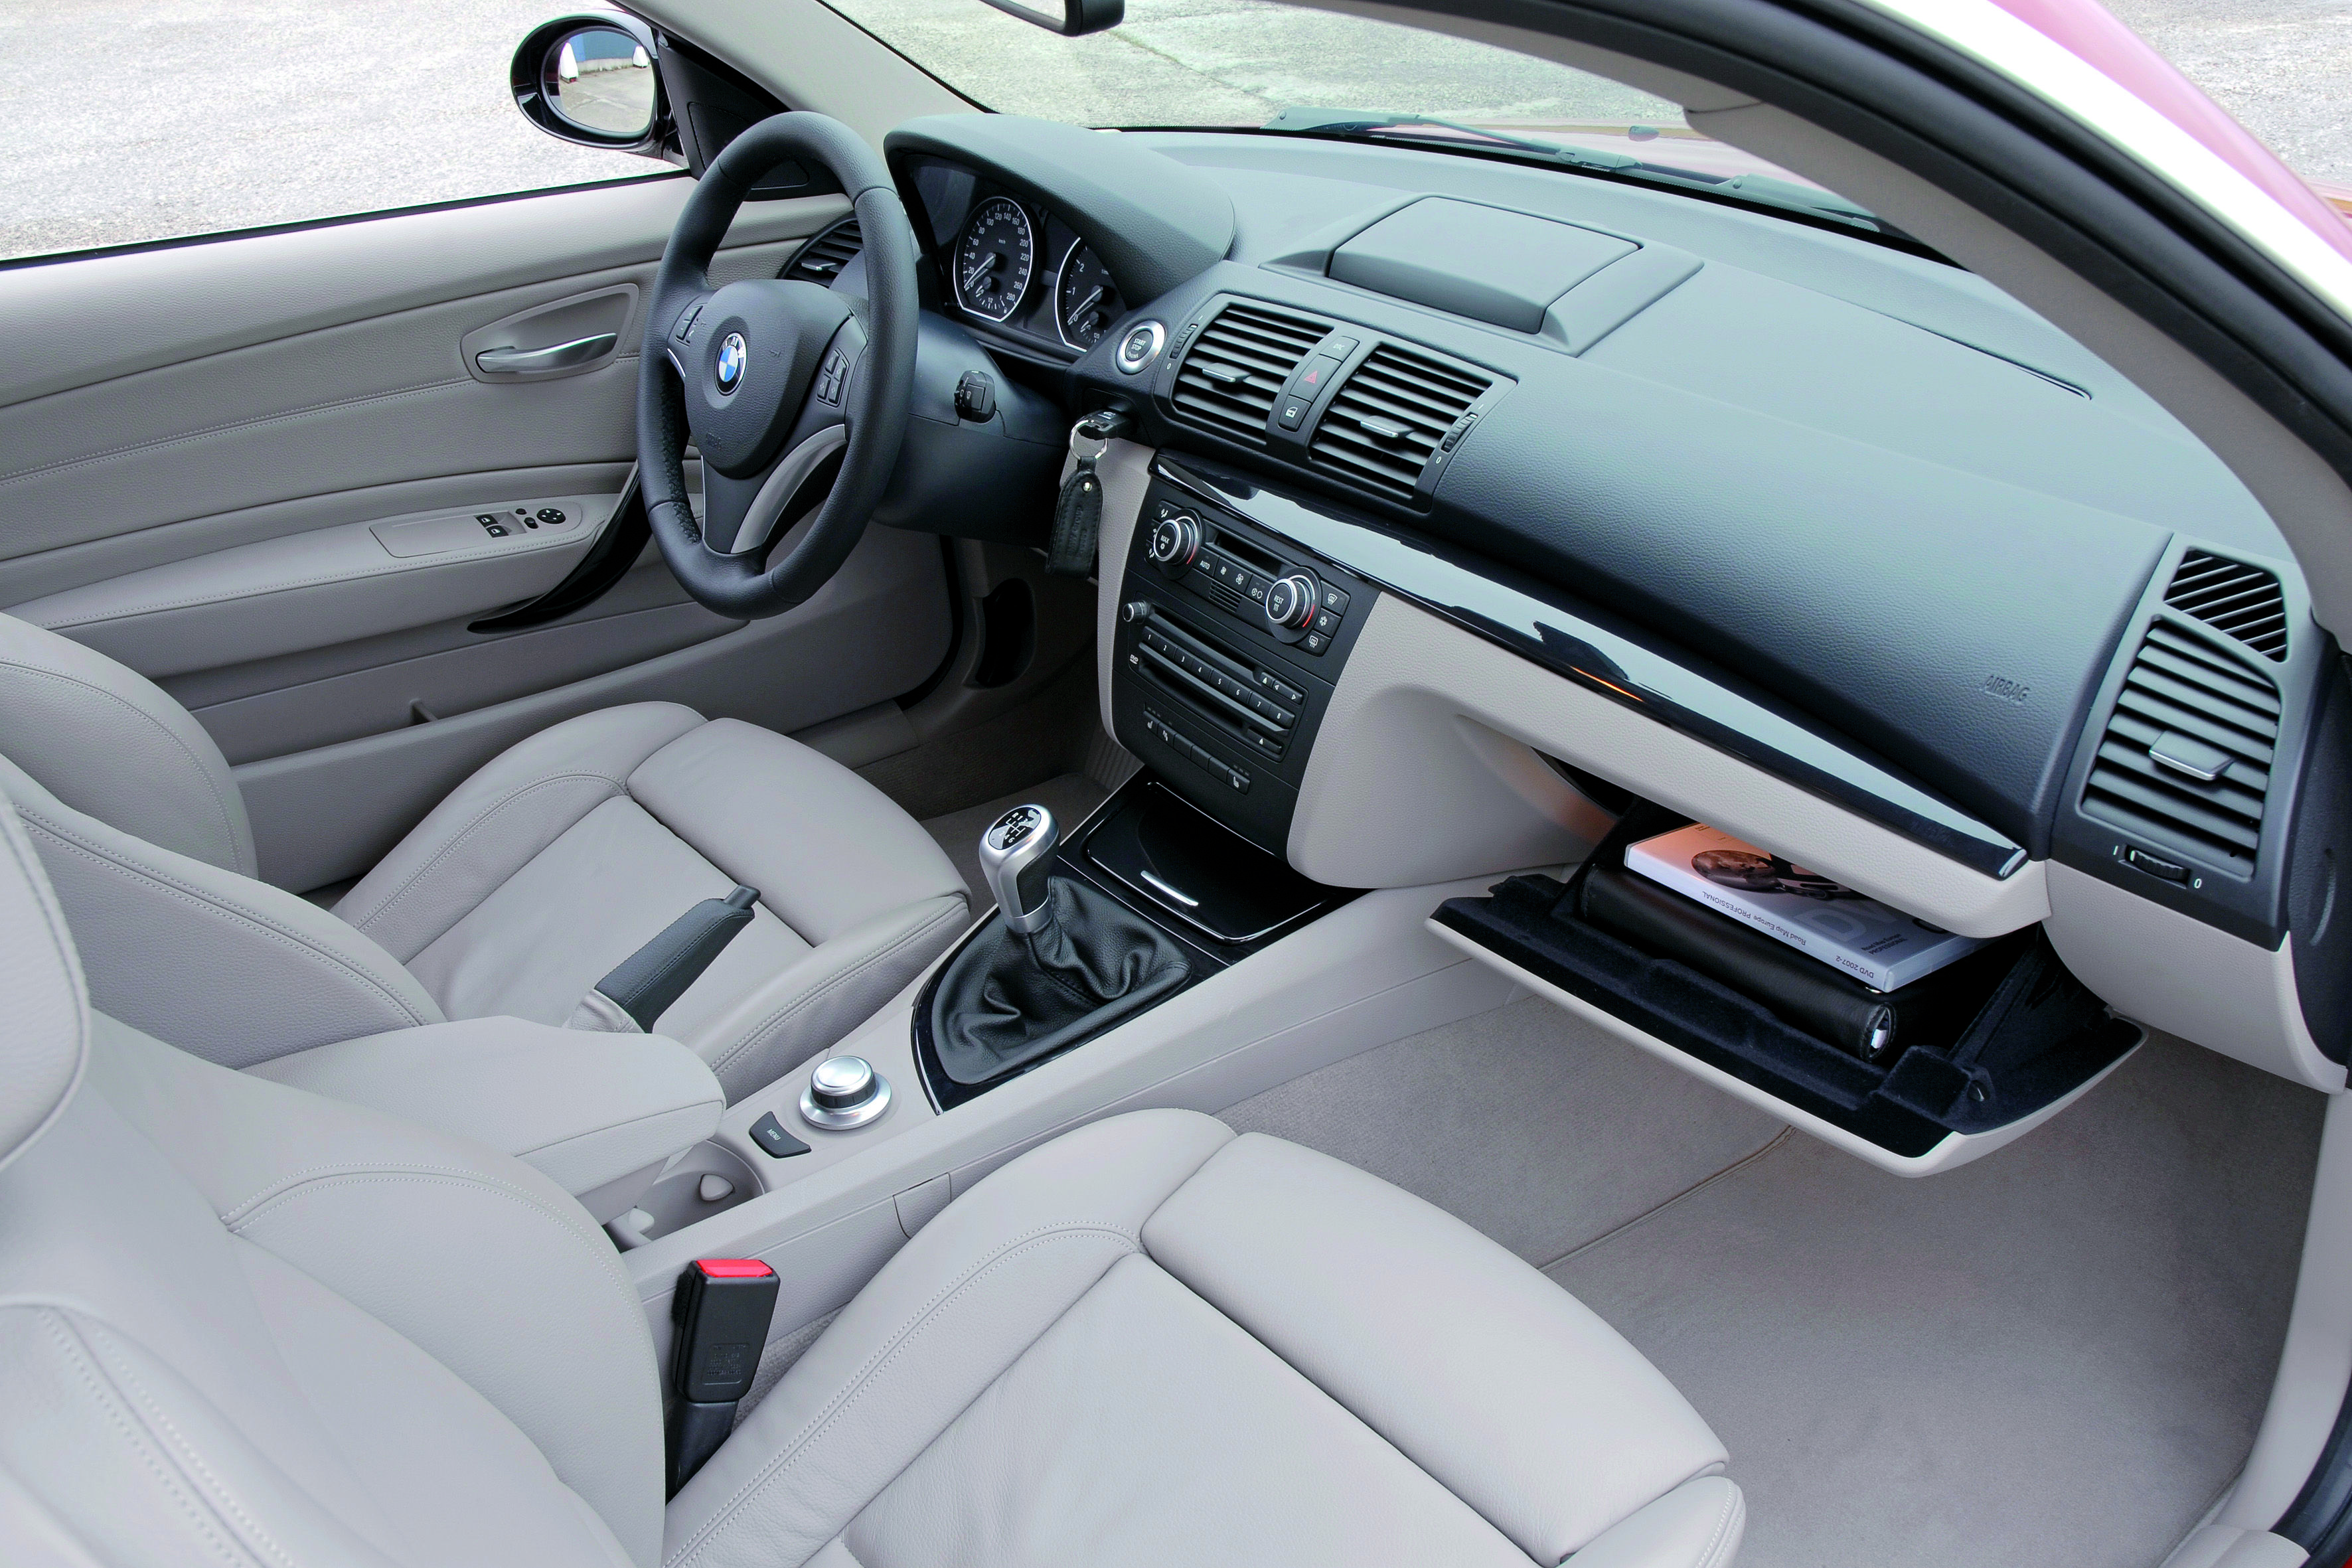 2007 Bmw 328i Led Interior Lighting Coches De Lujo Corvette Autos